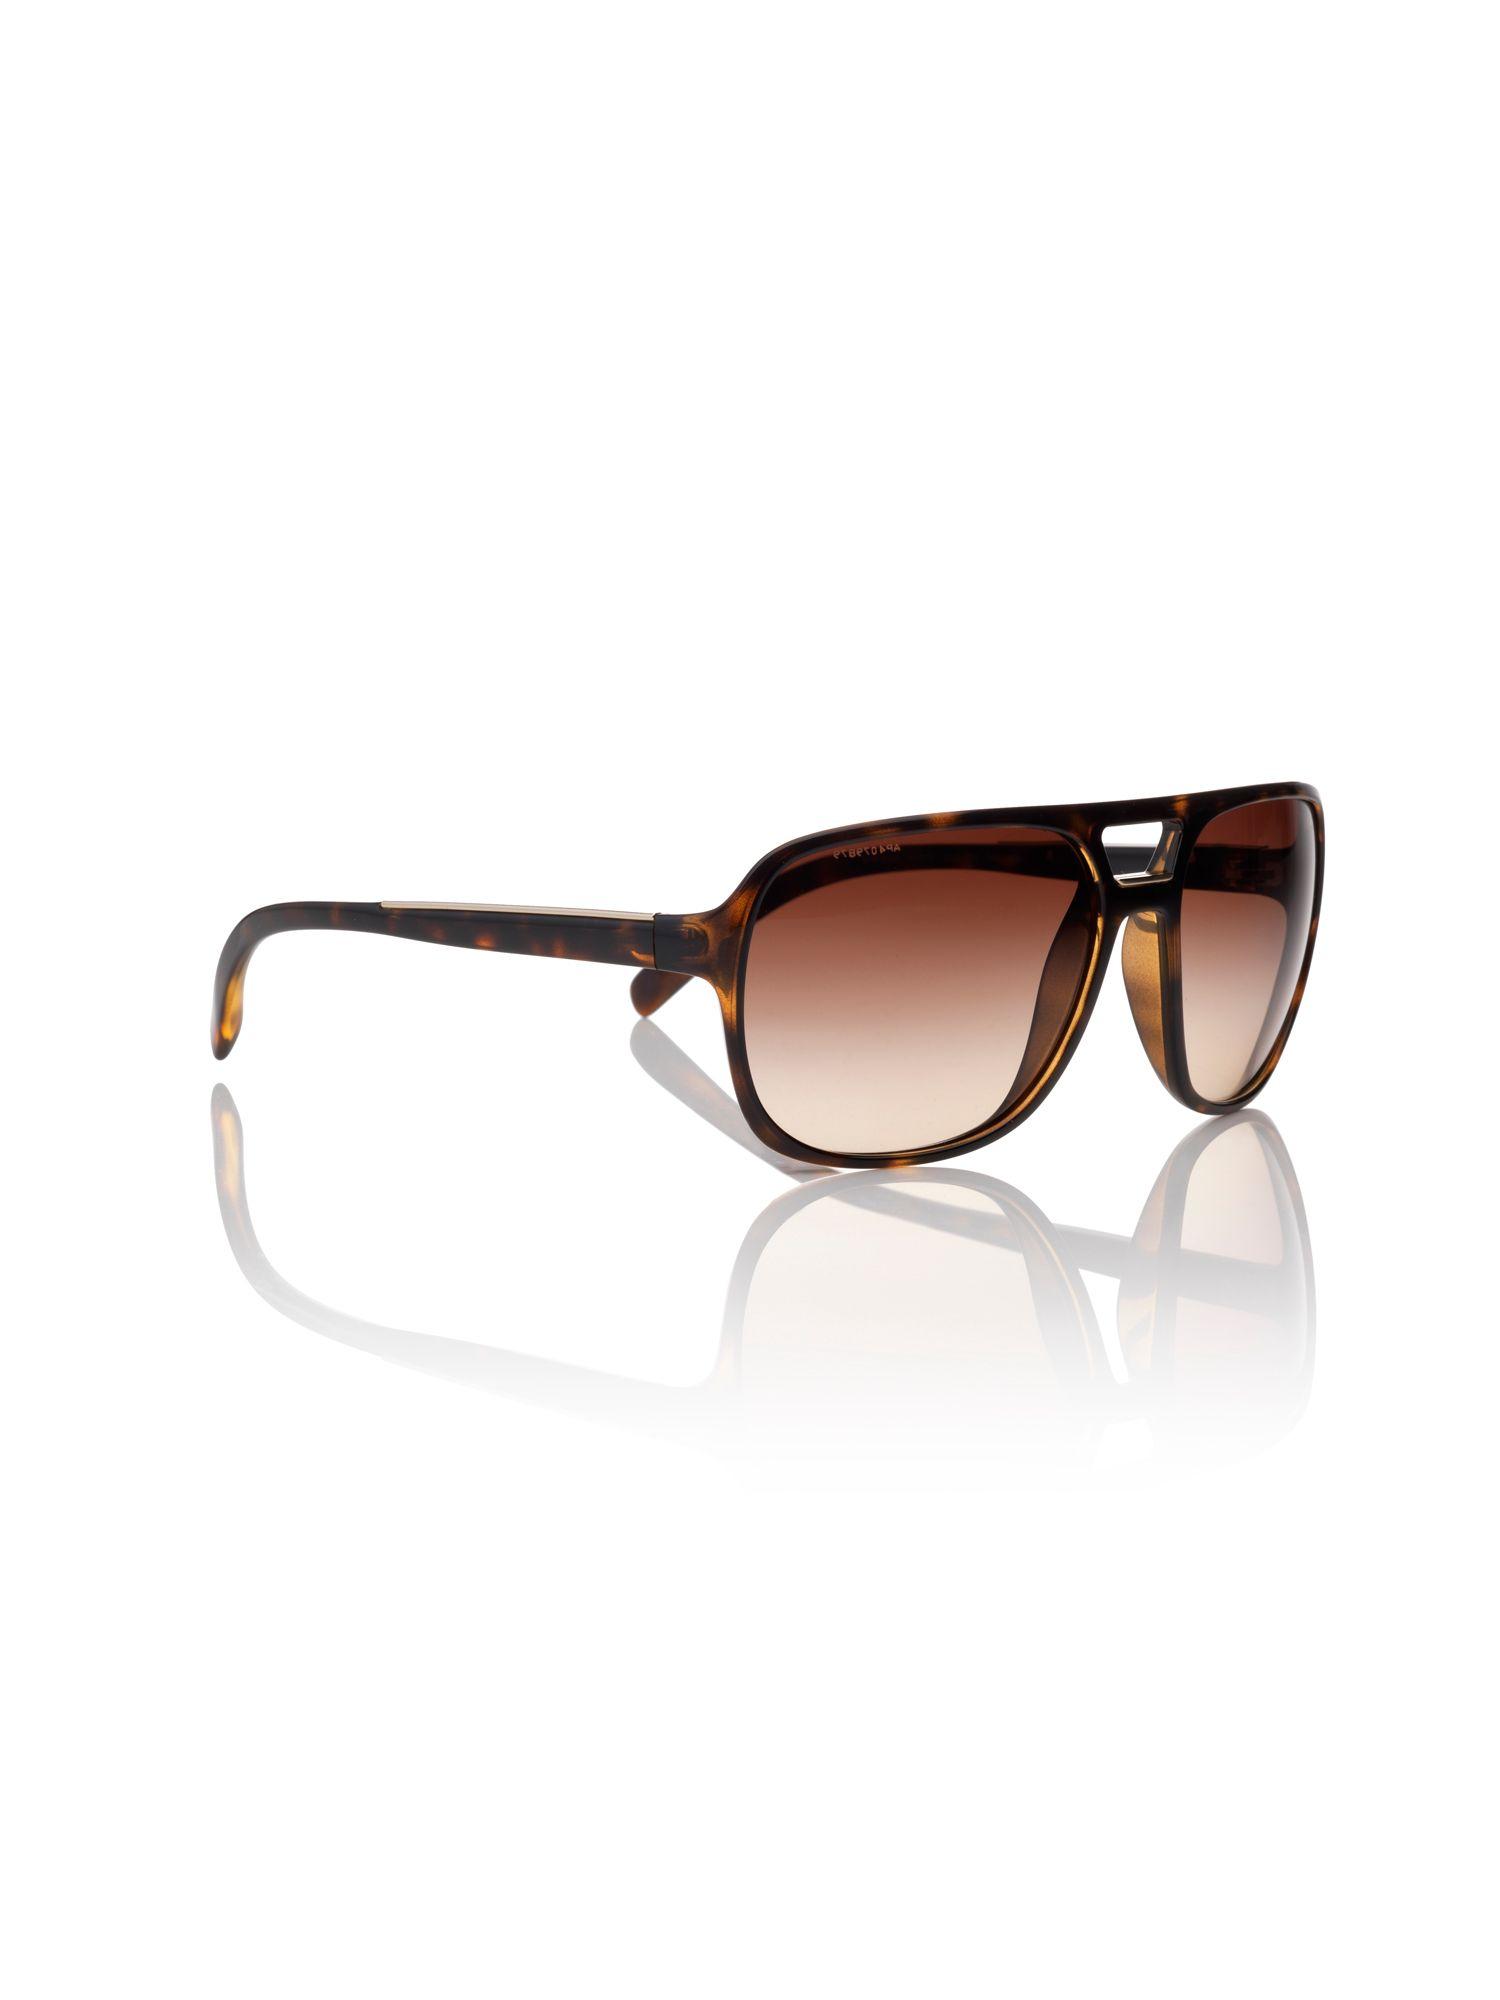 dc7f797d9025 Prada Mens Sunglasses Brown